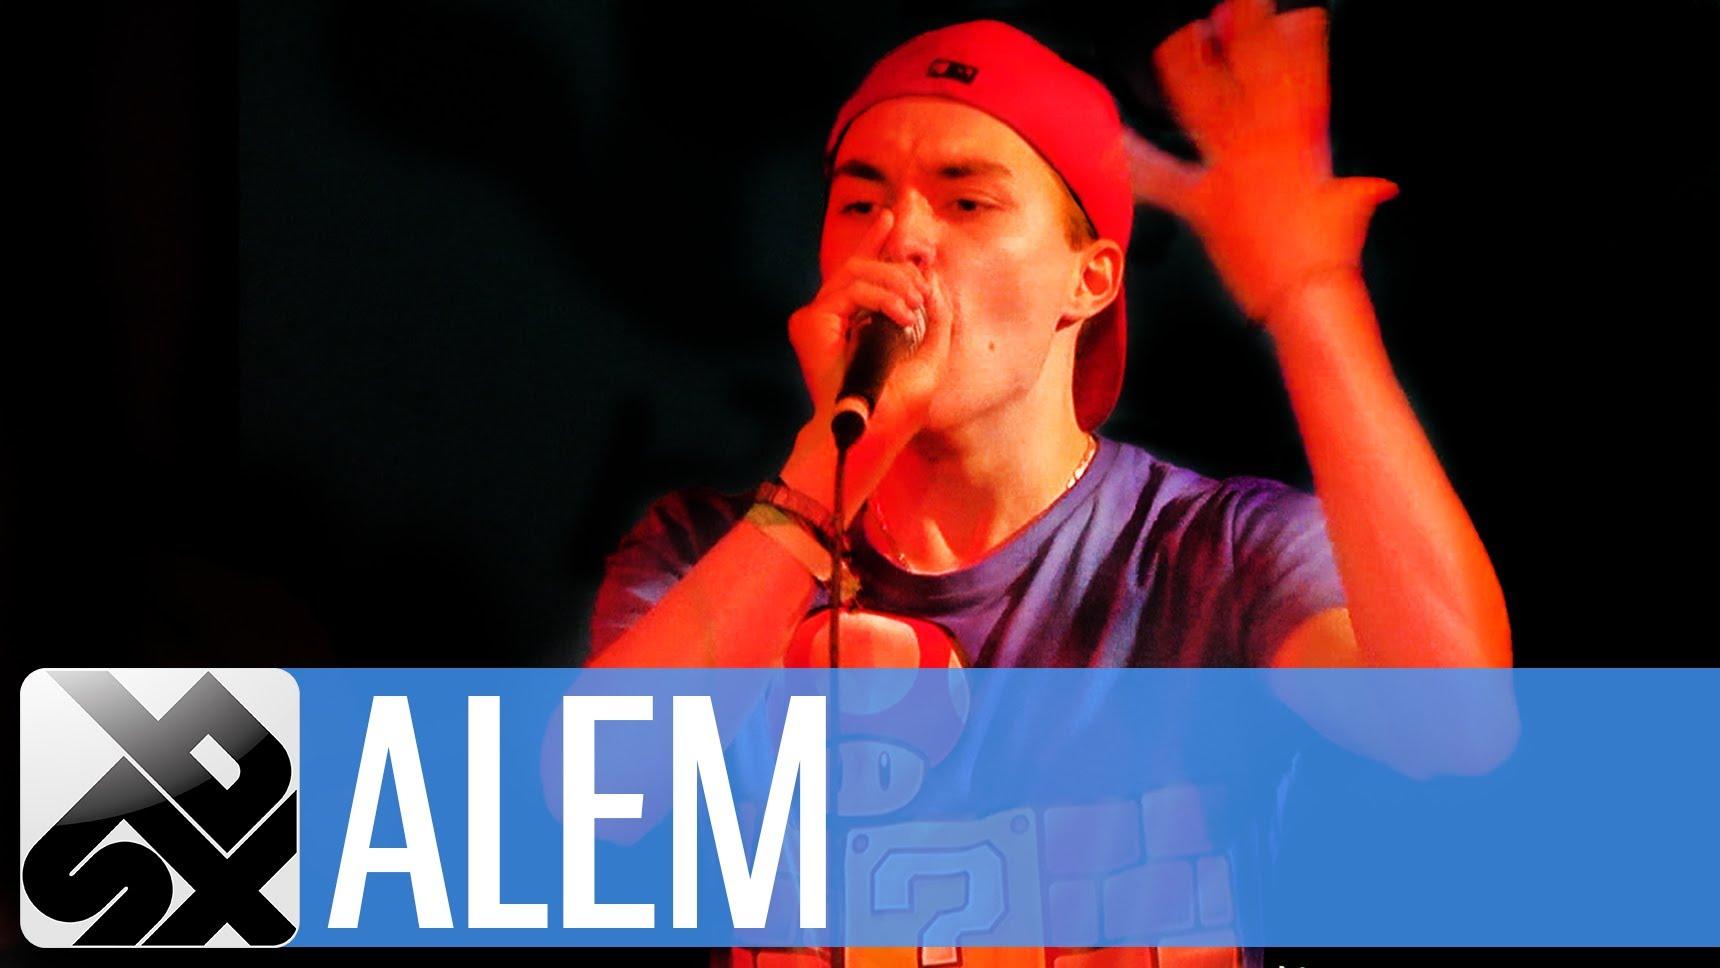 alem beatbox not only hip hop